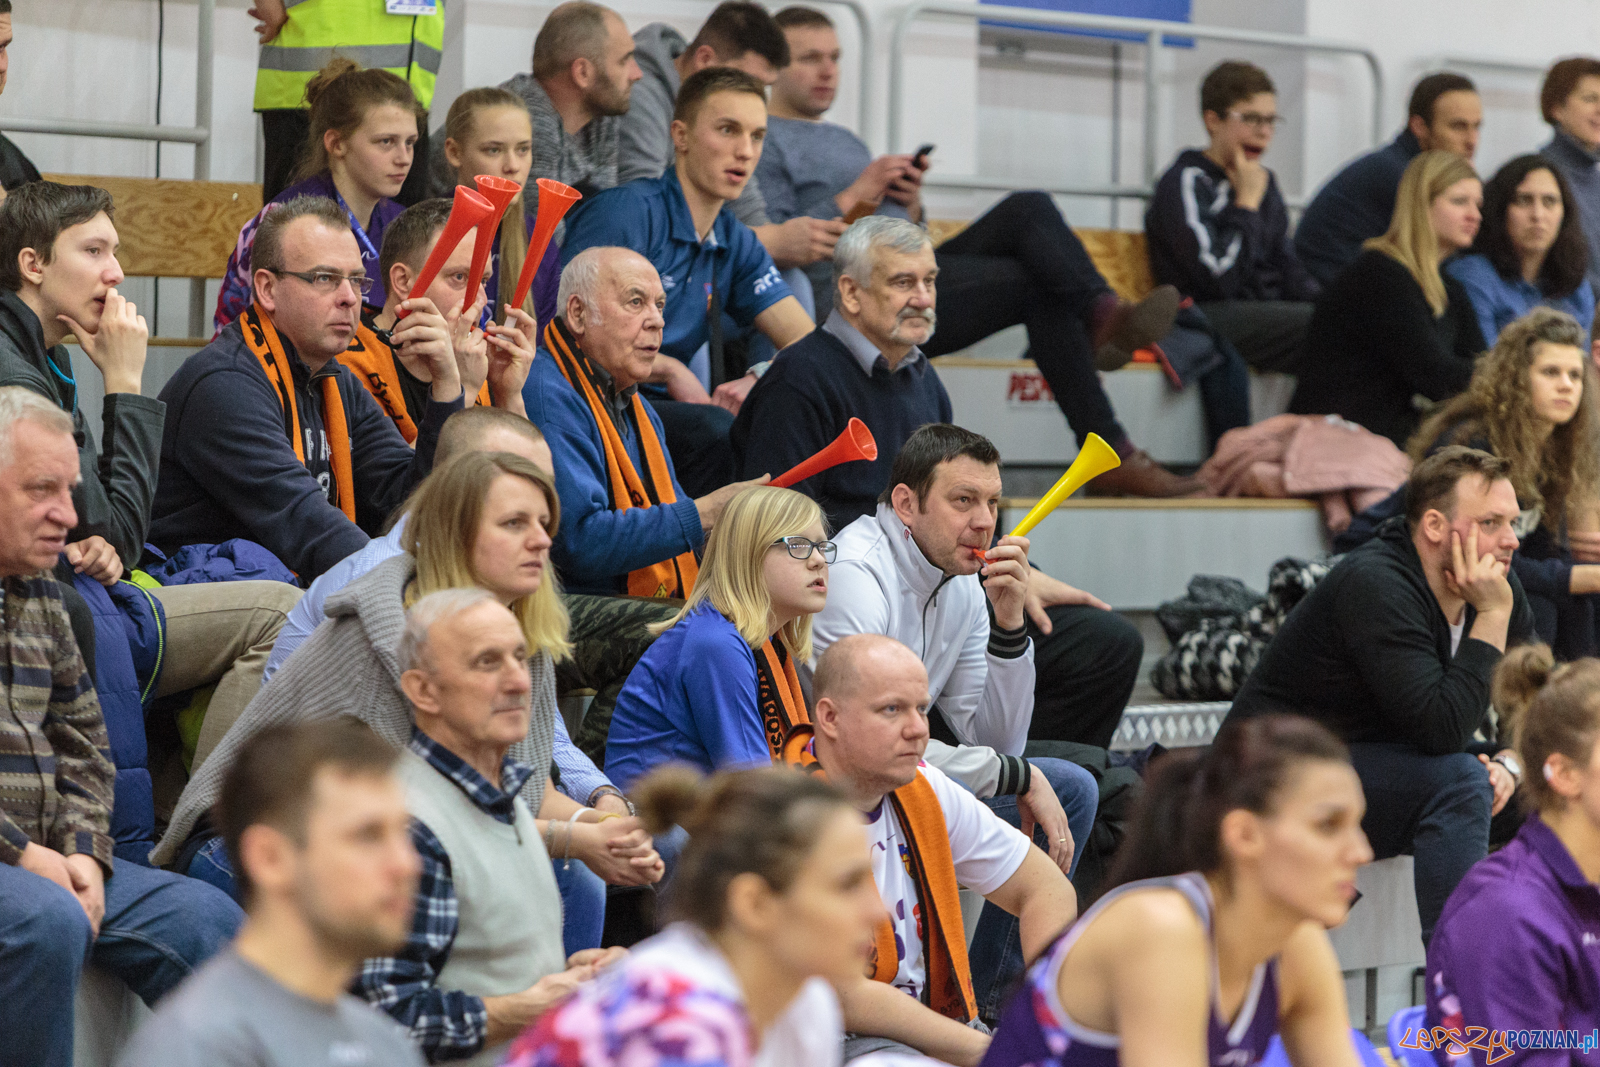 Enea AZS Poznań - Artego Bydgoszcz 48:68 - 21.02.2018 r.  Foto: LepszyPOZNAN.pl / Paweł Rychter